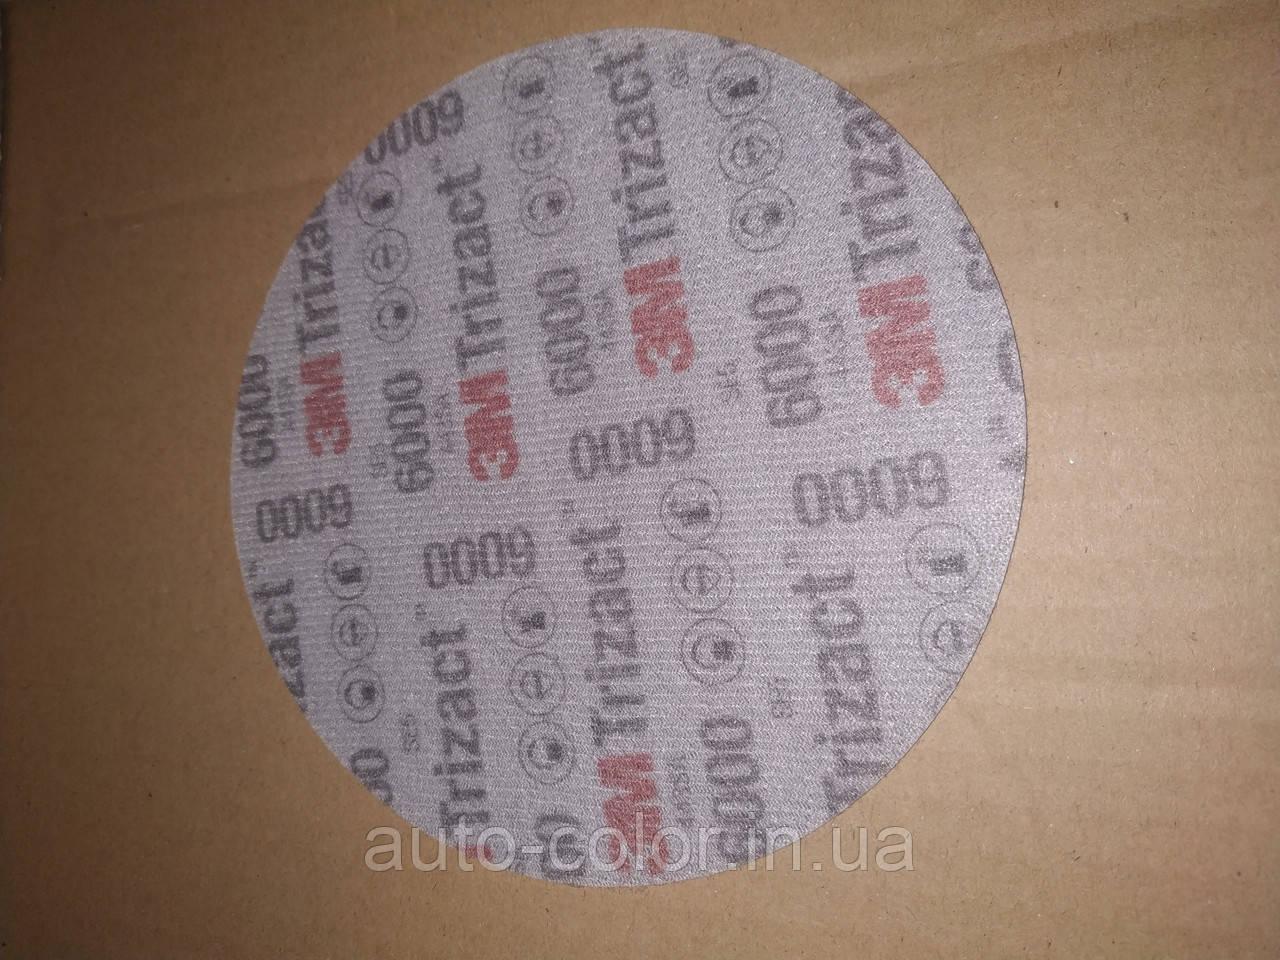 Абразивный полировальный круг 3M Trizact P6000 (диаметр 150 мм.)